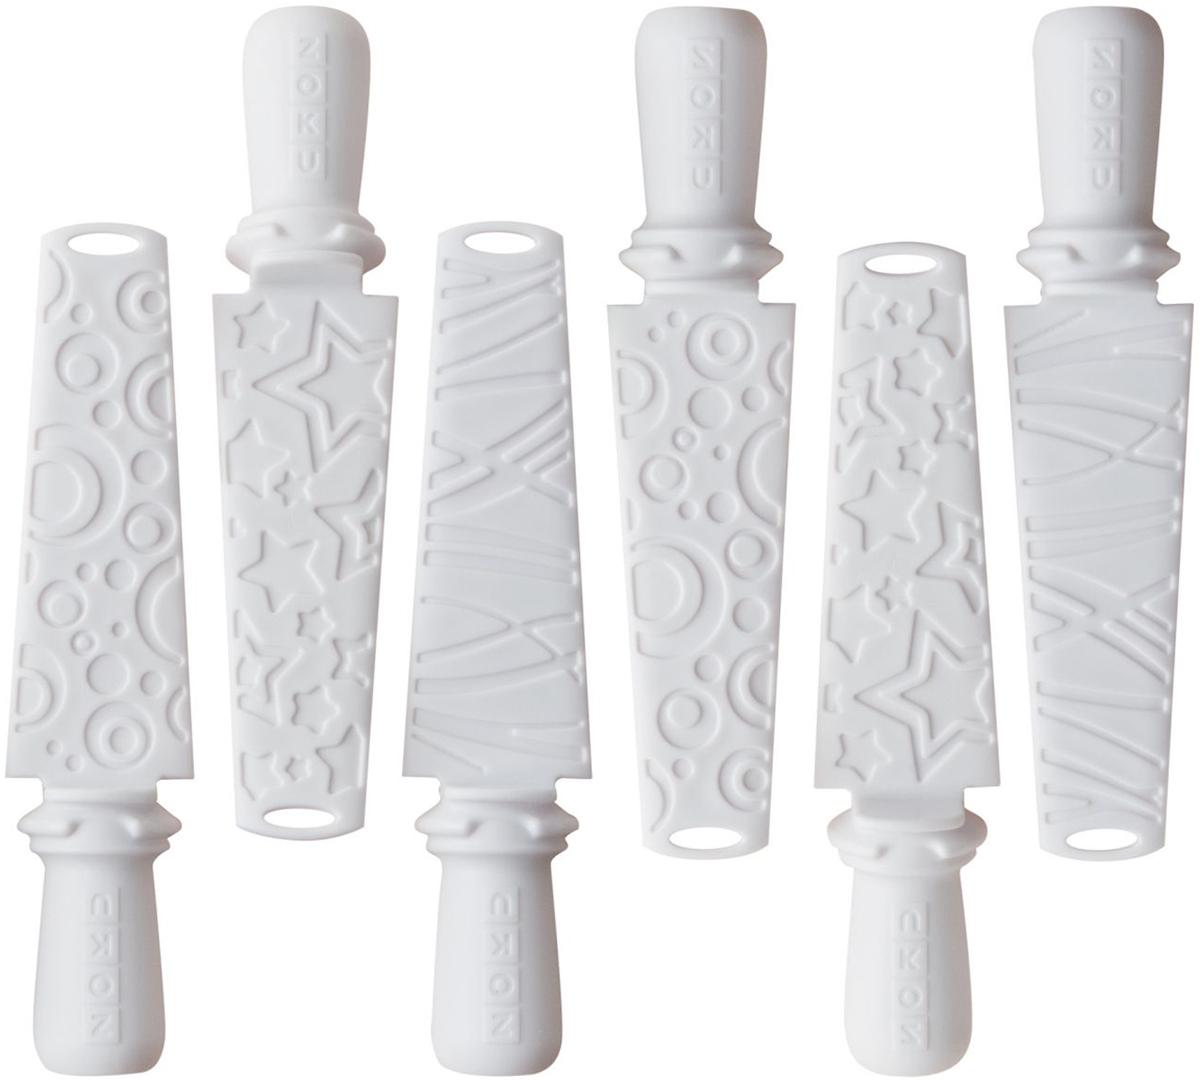 Набор палочек для мороженого Zoku Pop Sticks, цвет: белый, 6 штZK102Набор Quick Pop Maker Sticks – это 6 многоразовых палочек для мороженого, при помощи которых можно приготовить вкусные домашние десерты на целую компанию. Они изготовлены из прочного пищевого пластика, за счет чего хорошо переносят воздействие низких температур. Благодаря специальным щиткам подтаявший сок не попадет на стол и одежду – он будет аккуратно собираться в небольших углублениях. Палочки подходят для следующих моделей форм: Triple Quick Pop Maker, Duo Quick Pop Maker и Single Quick Pop Maker.Не содержит вредных примесей и бисфенола-А. Моется вручную.